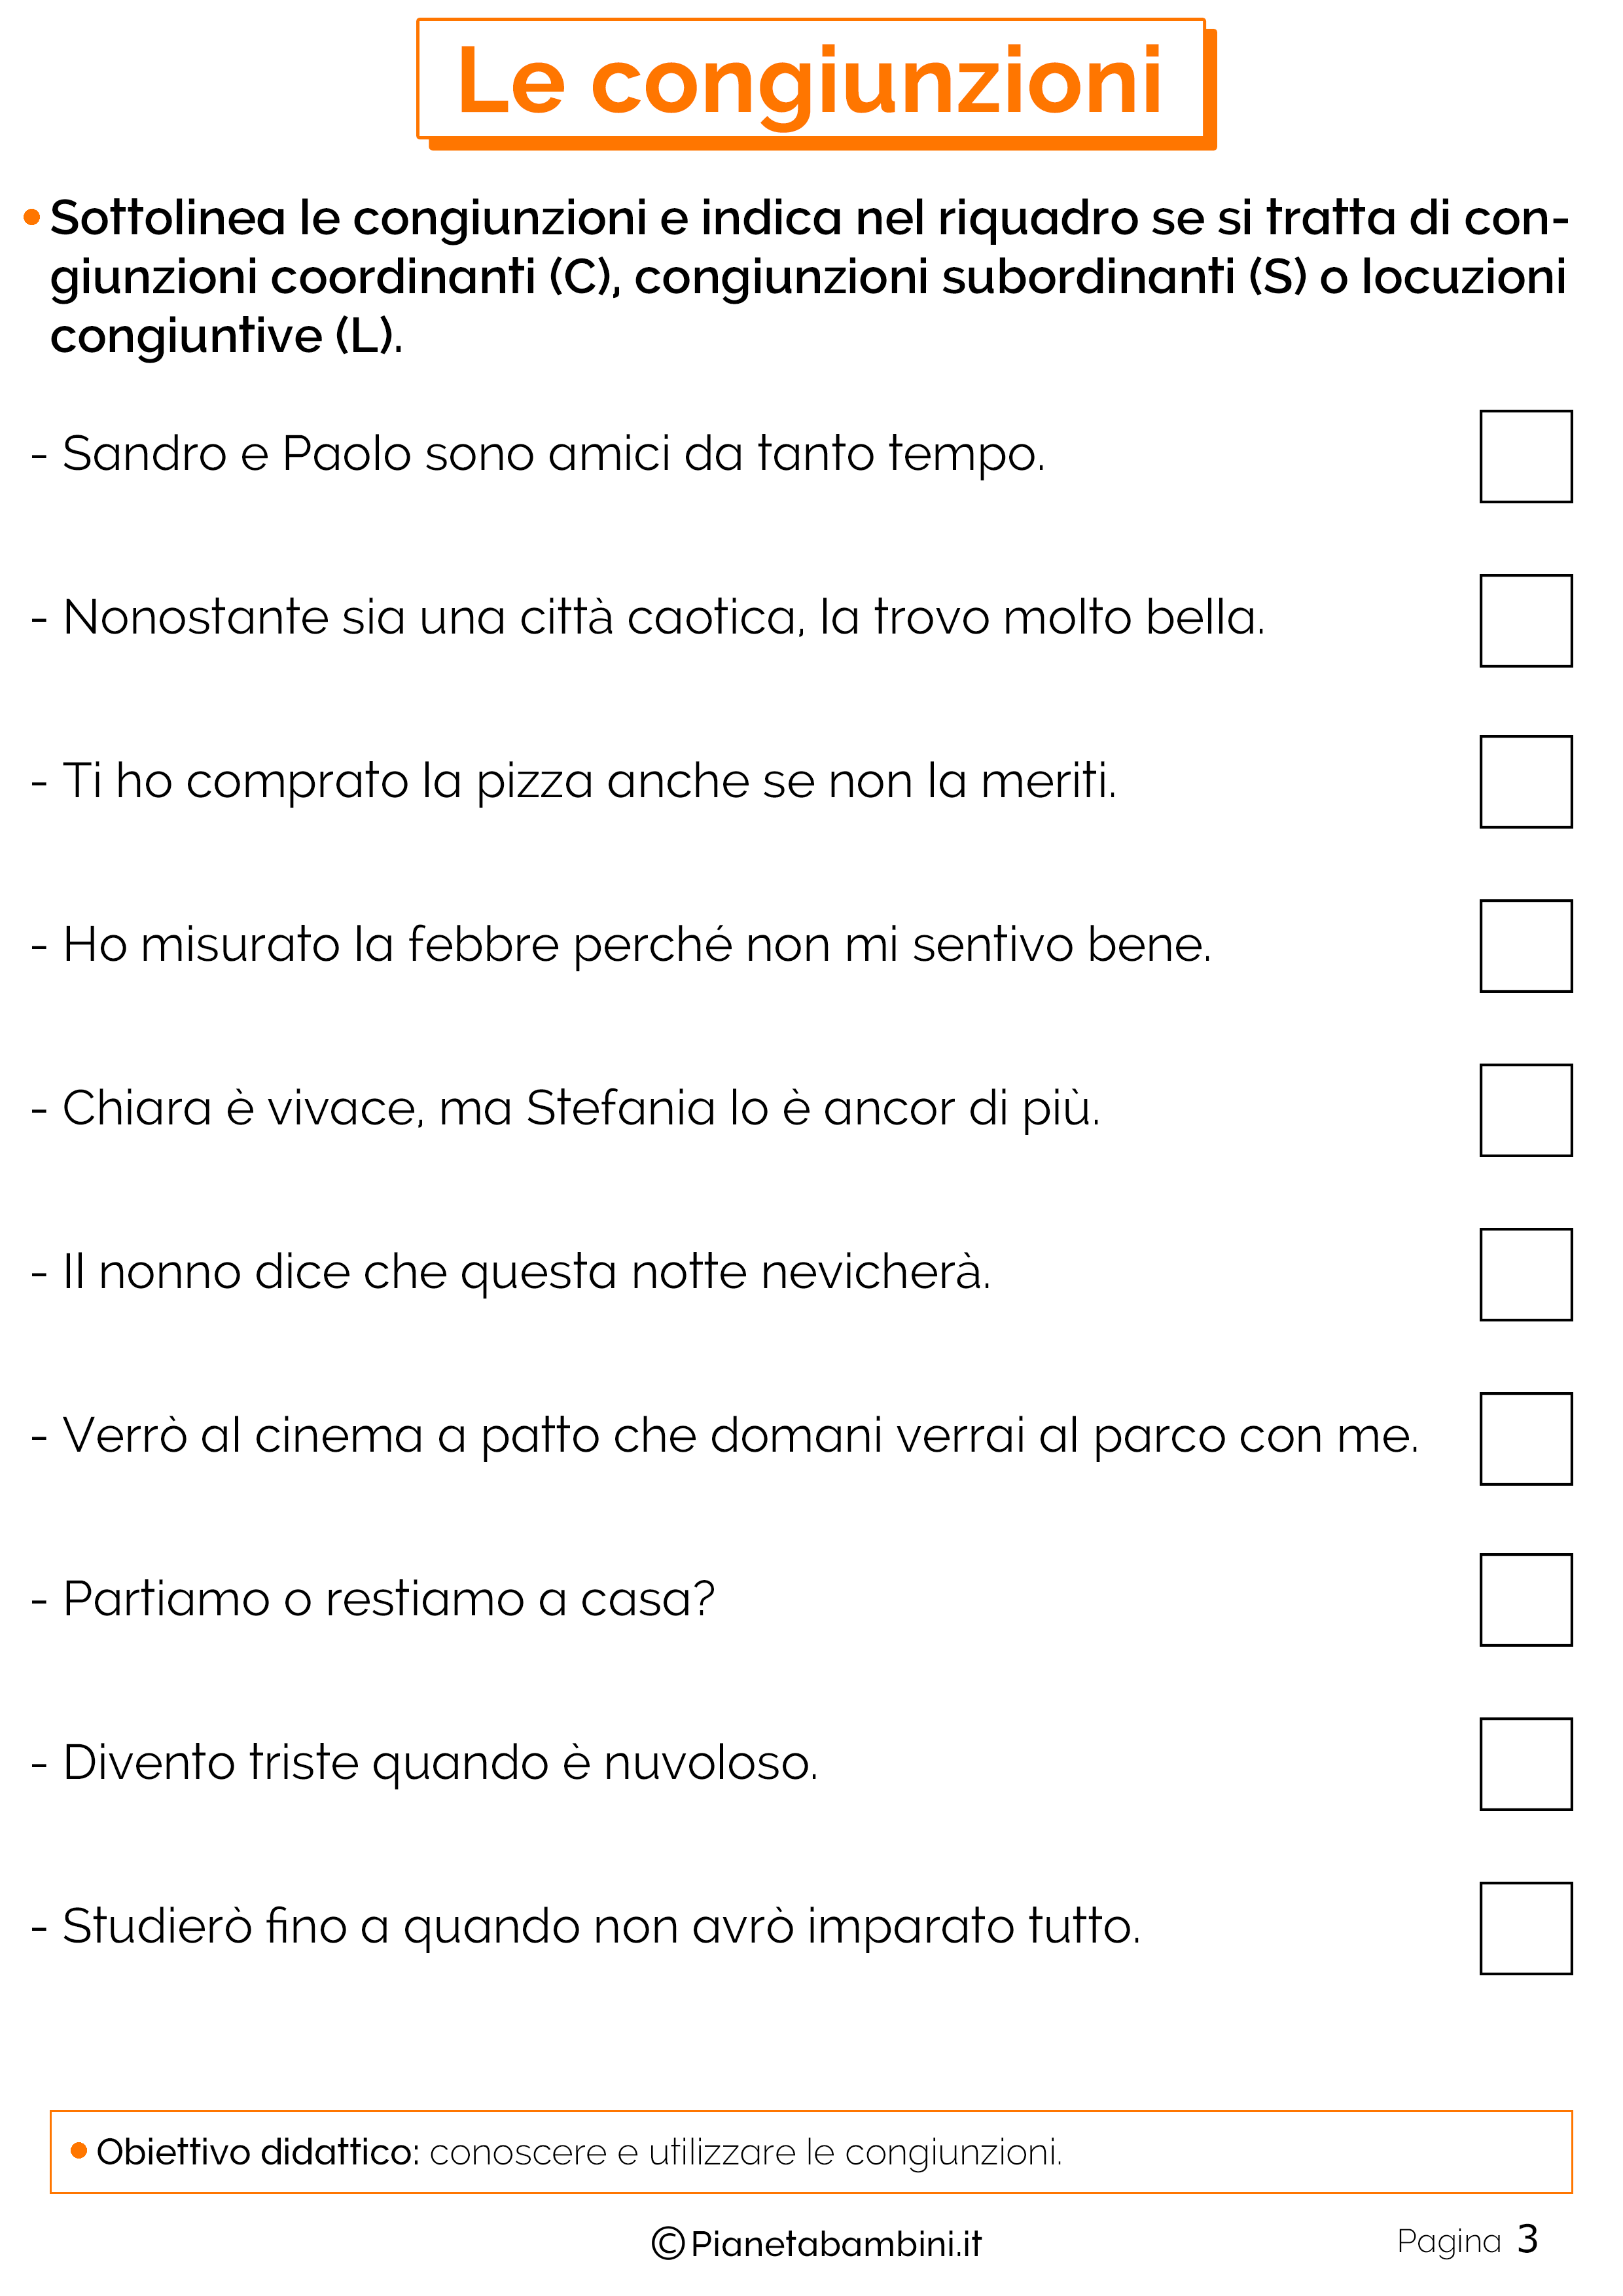 Le congiunzioni esercizi per la scuola primaria